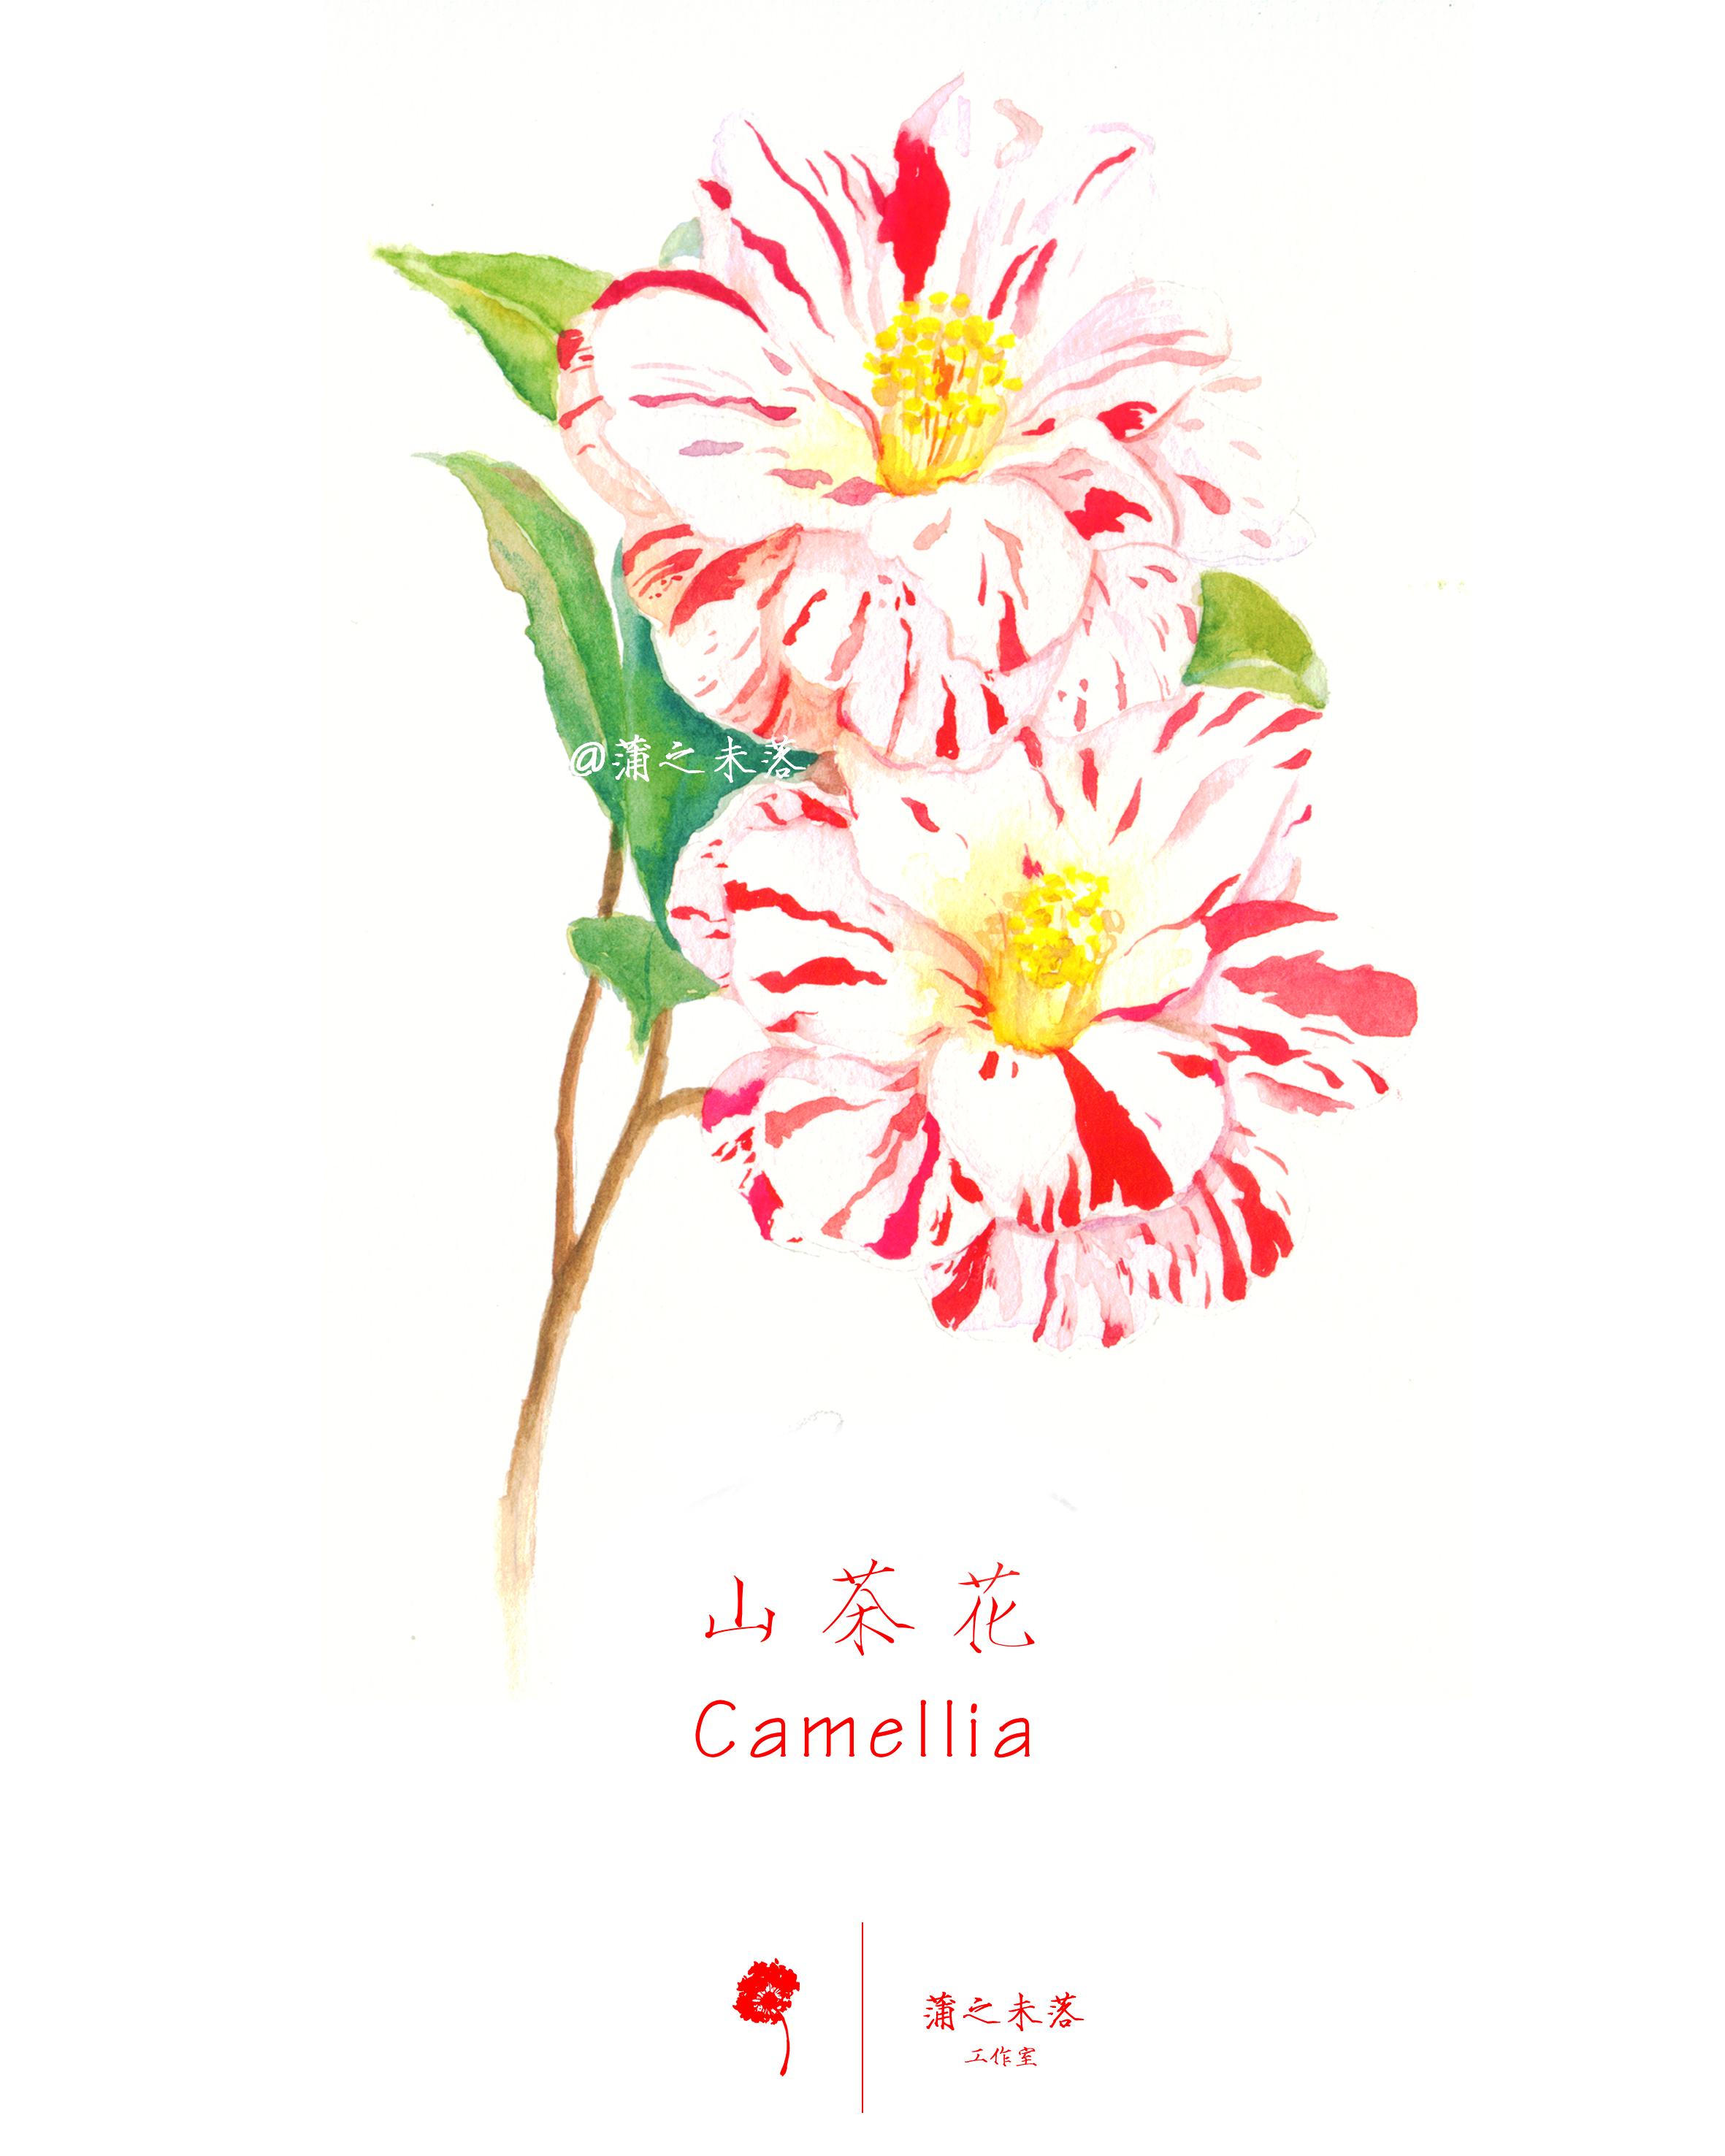 水彩手绘-山茶花图片